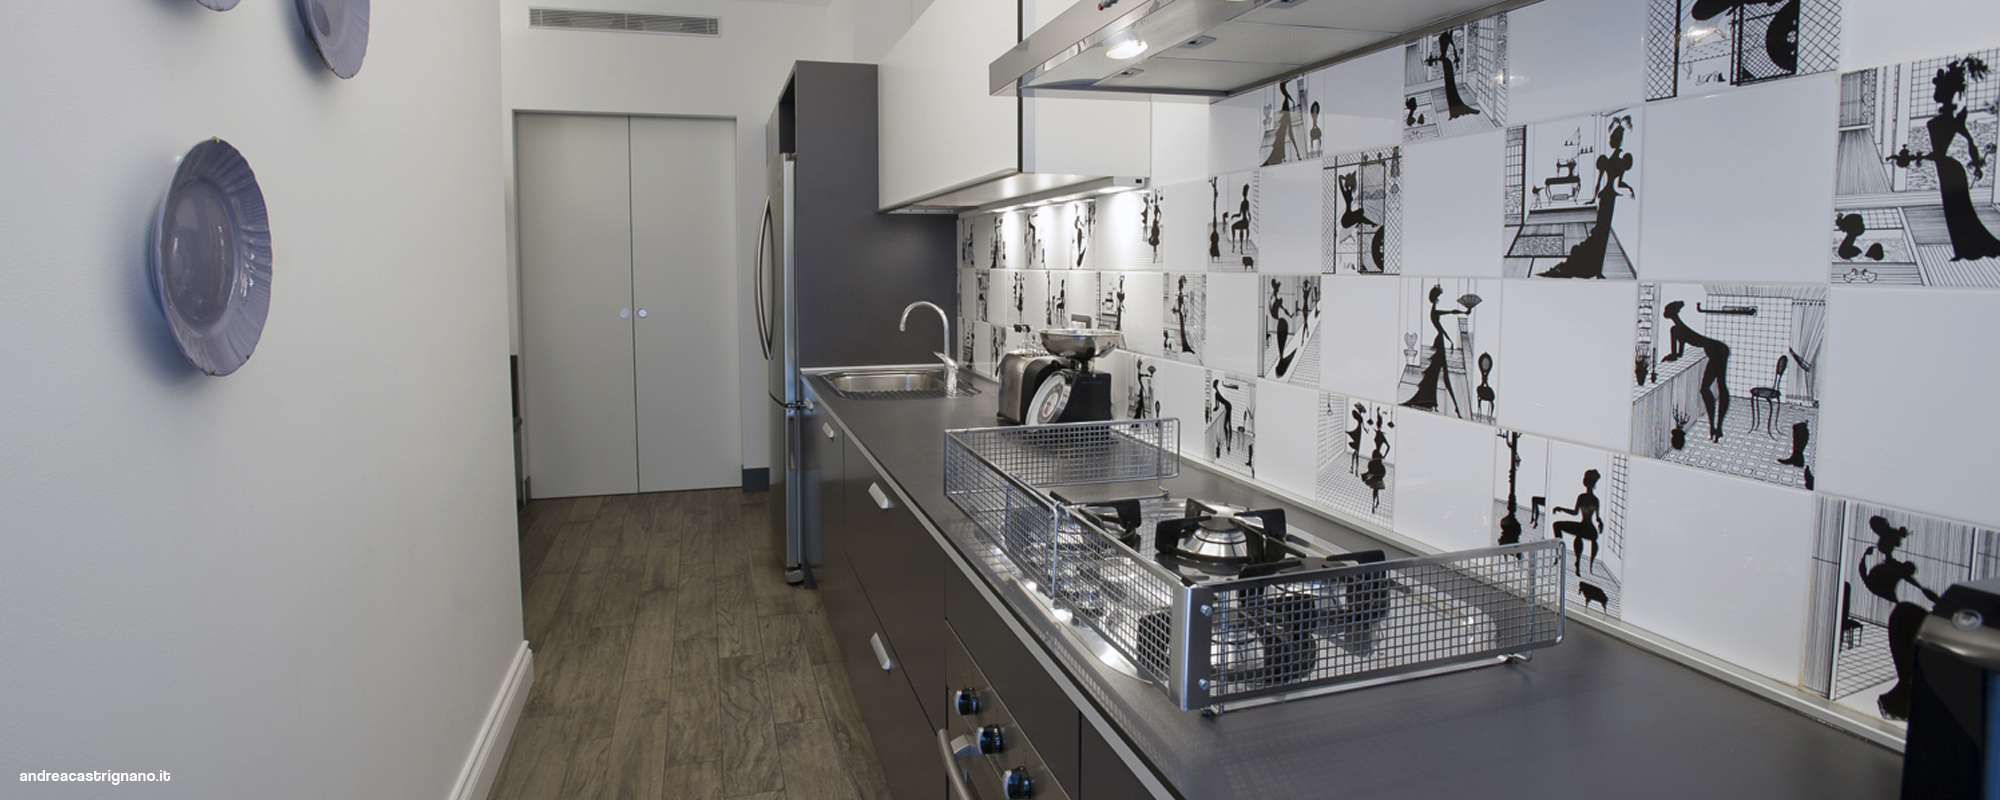 Specchiera moderna camera da letto for Piastrelle cucina bianche e nere